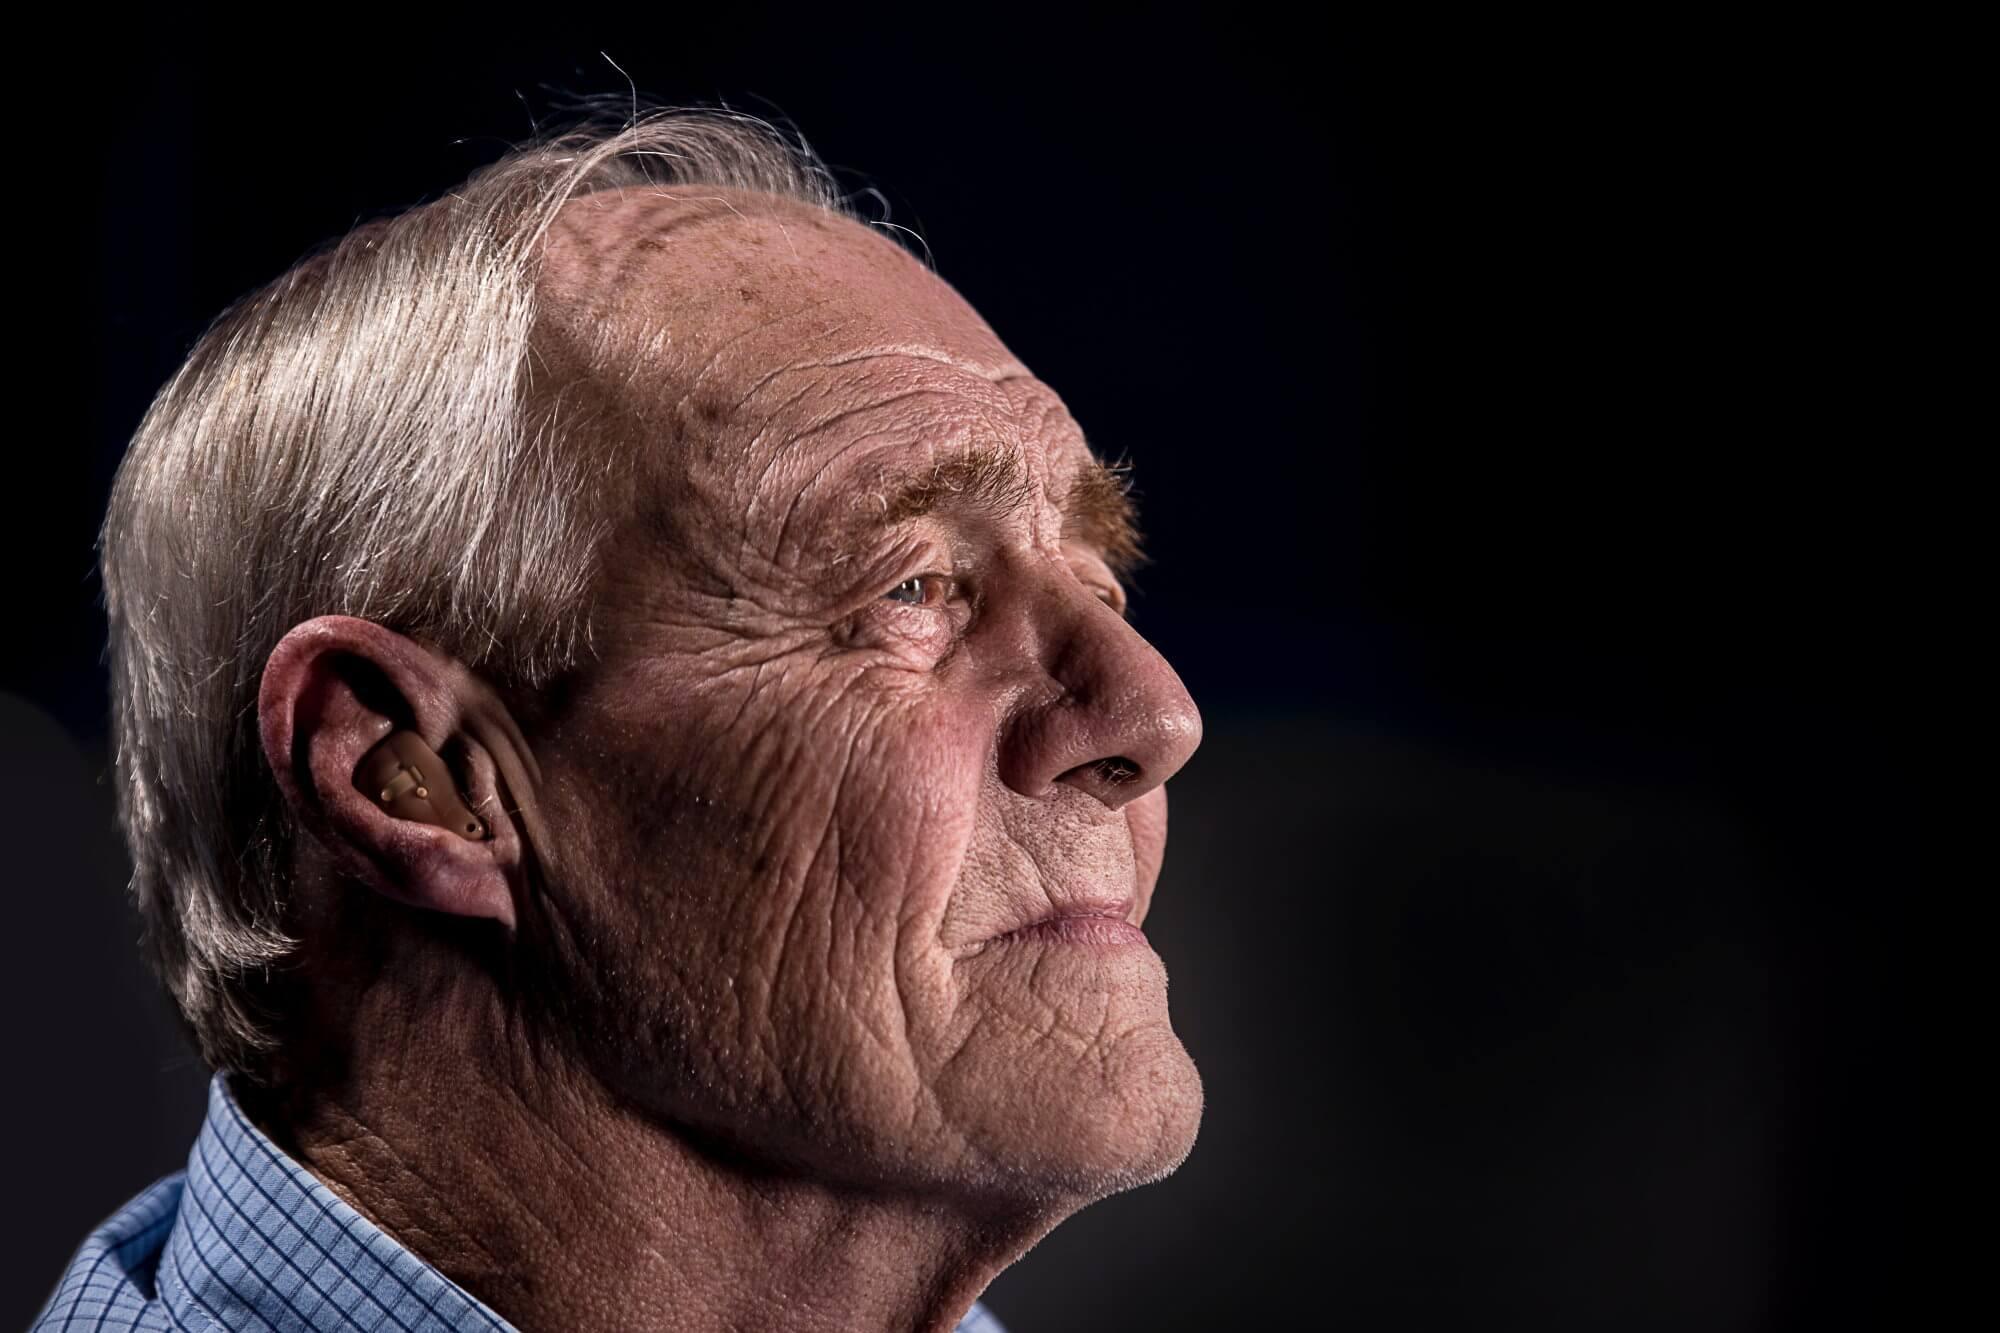 Разработан способ лечения глухоты путем восстановления слуховых клеток